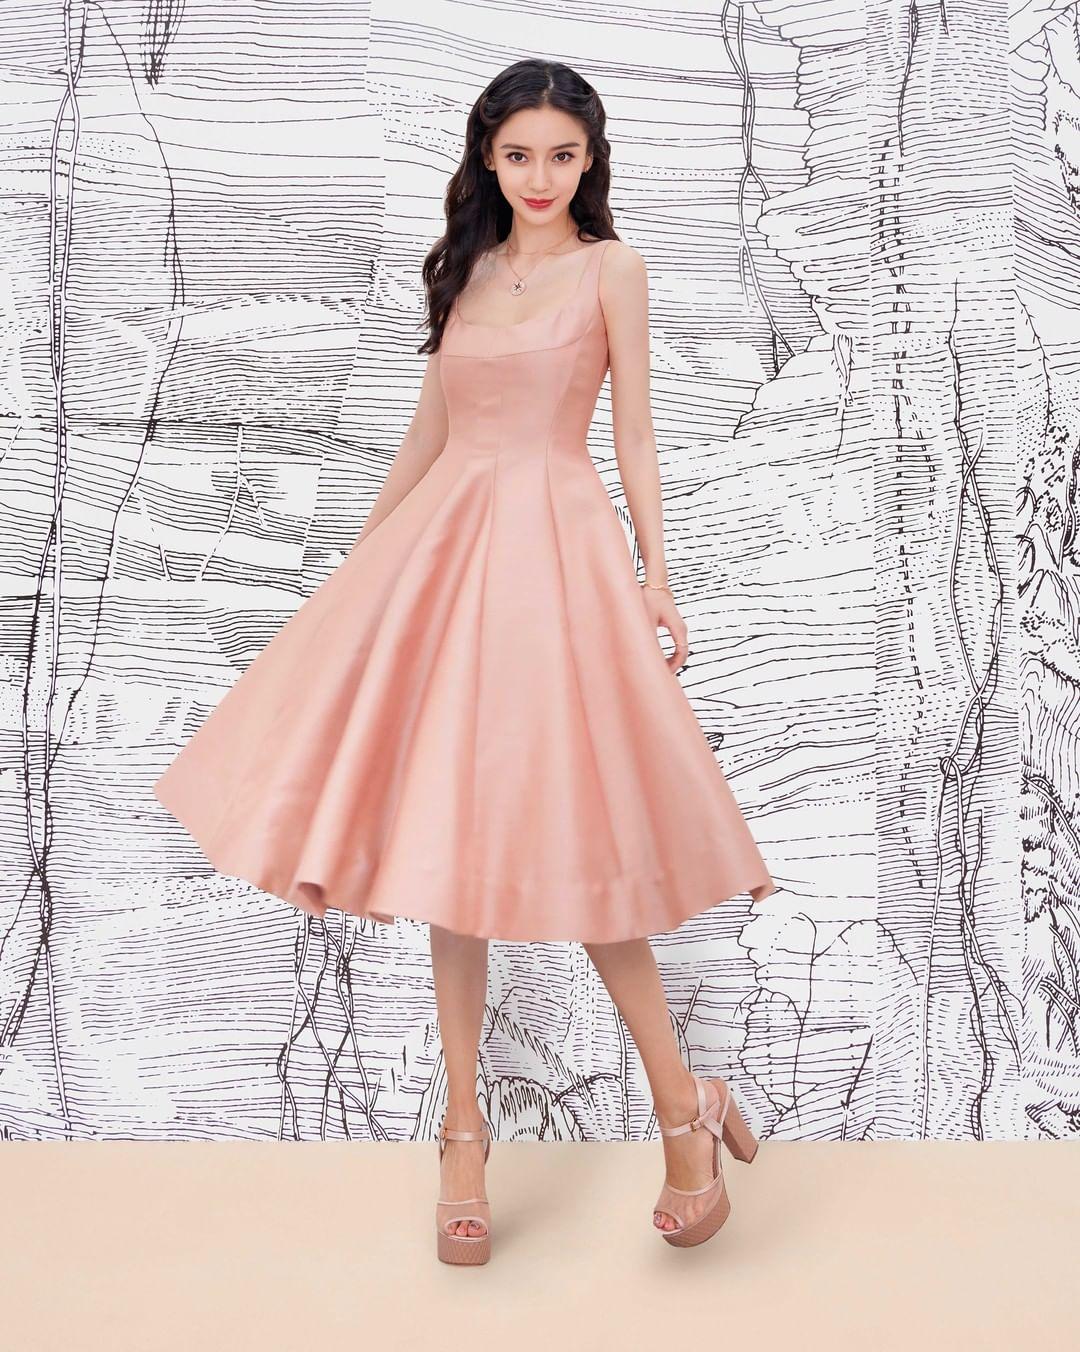 """Jisoo Dior Diện đồ Dior lấy cảm hứng từ Jisoo, Angela Baby và dàn sao Cbiz ngậm ngùi lép vế """"bản gốc""""? - Ảnh 4."""